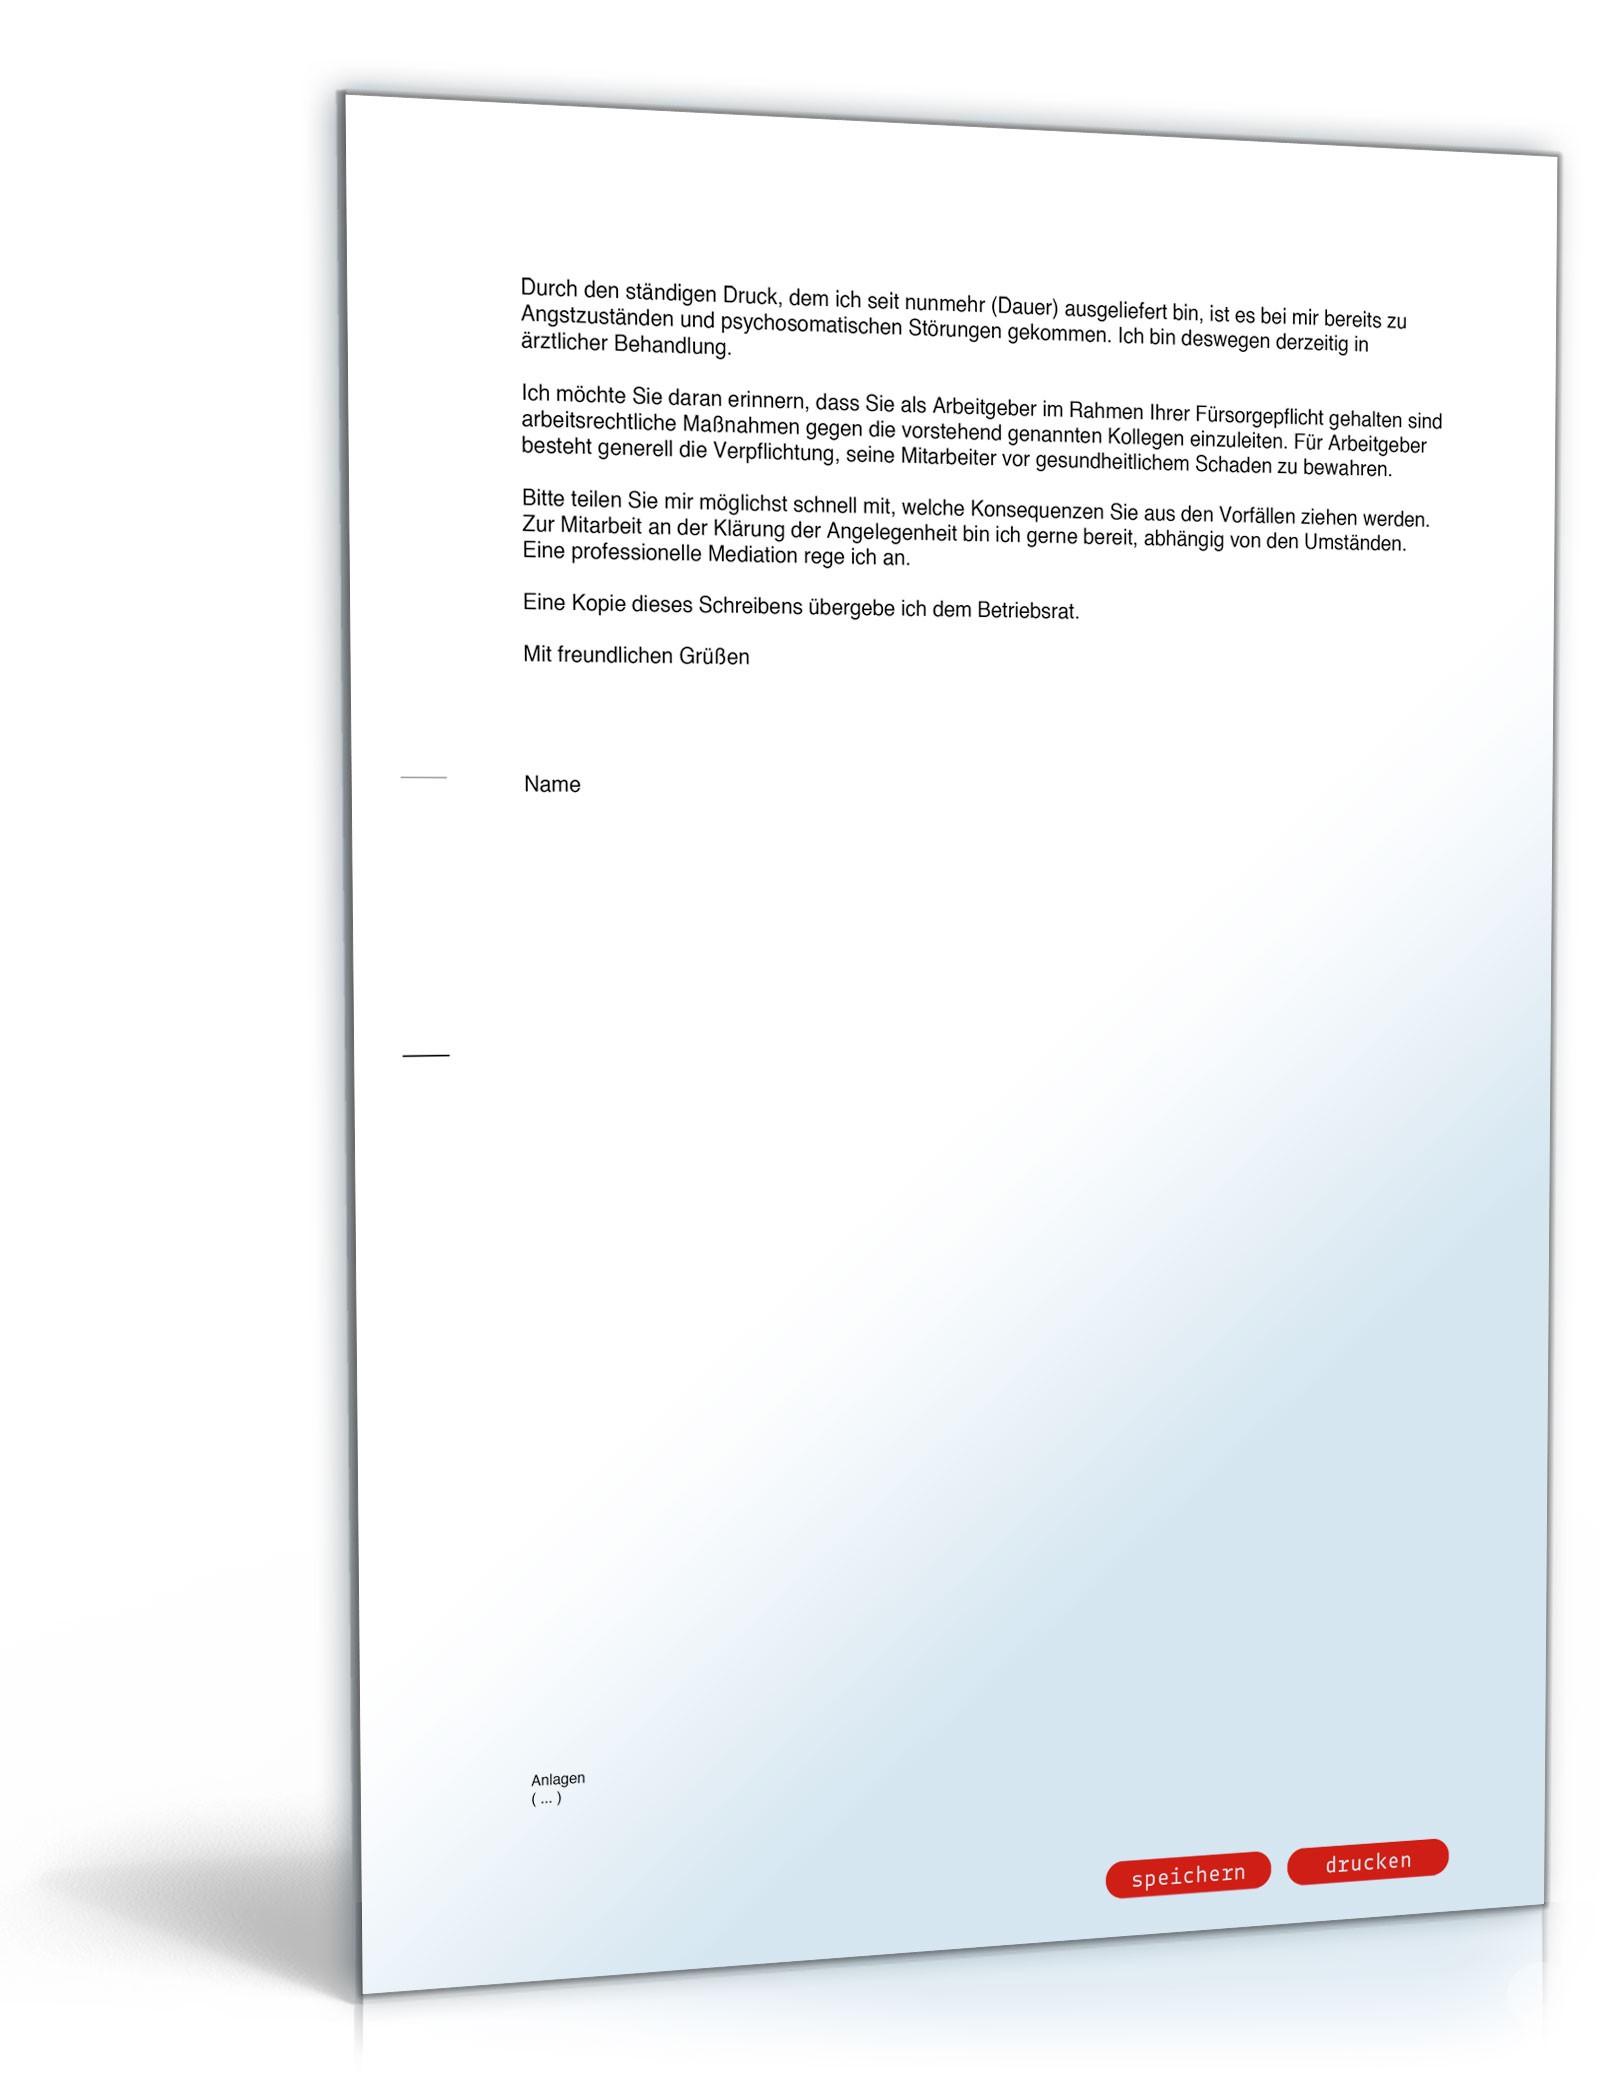 Tolle Büroreiniger Probe Fortsetzen Fotos - Entry Level Resume ...